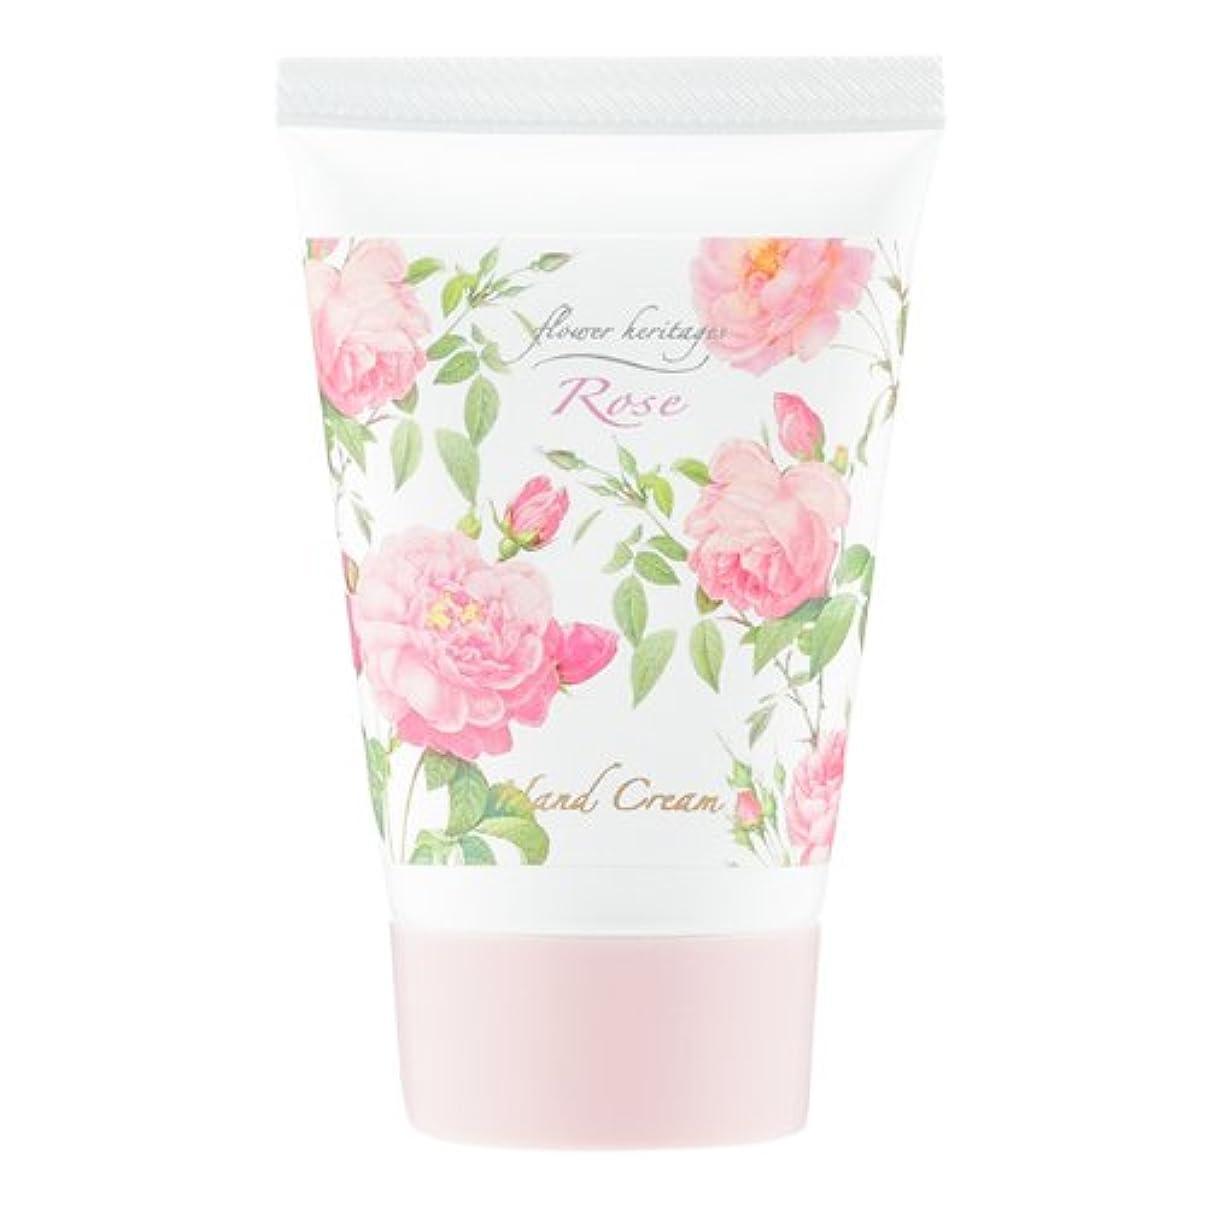 遊具磁石ボードネイチャータッチ (Nature Touch) Flower Heritage ハンドクリーム40g/ローズ